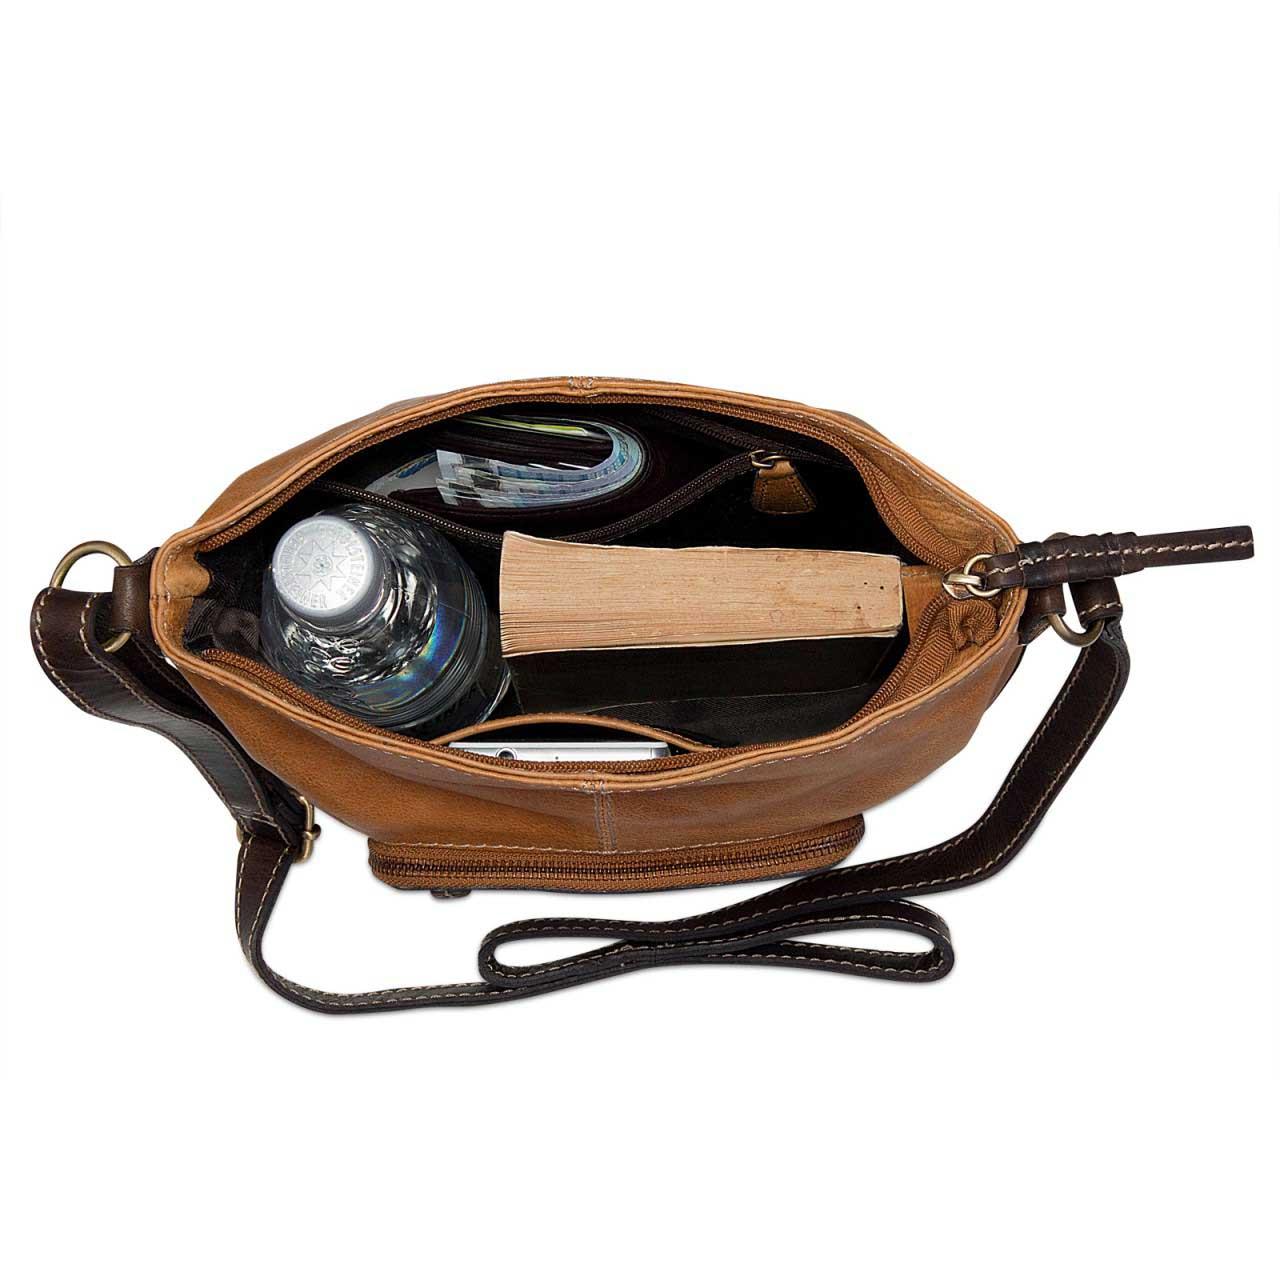 STILORD Damen Umhängetasche Leder klein Handtasche Schultertasche mit Schulterriemen echtes Büffelleder Damen hellbraun  - Bild 4